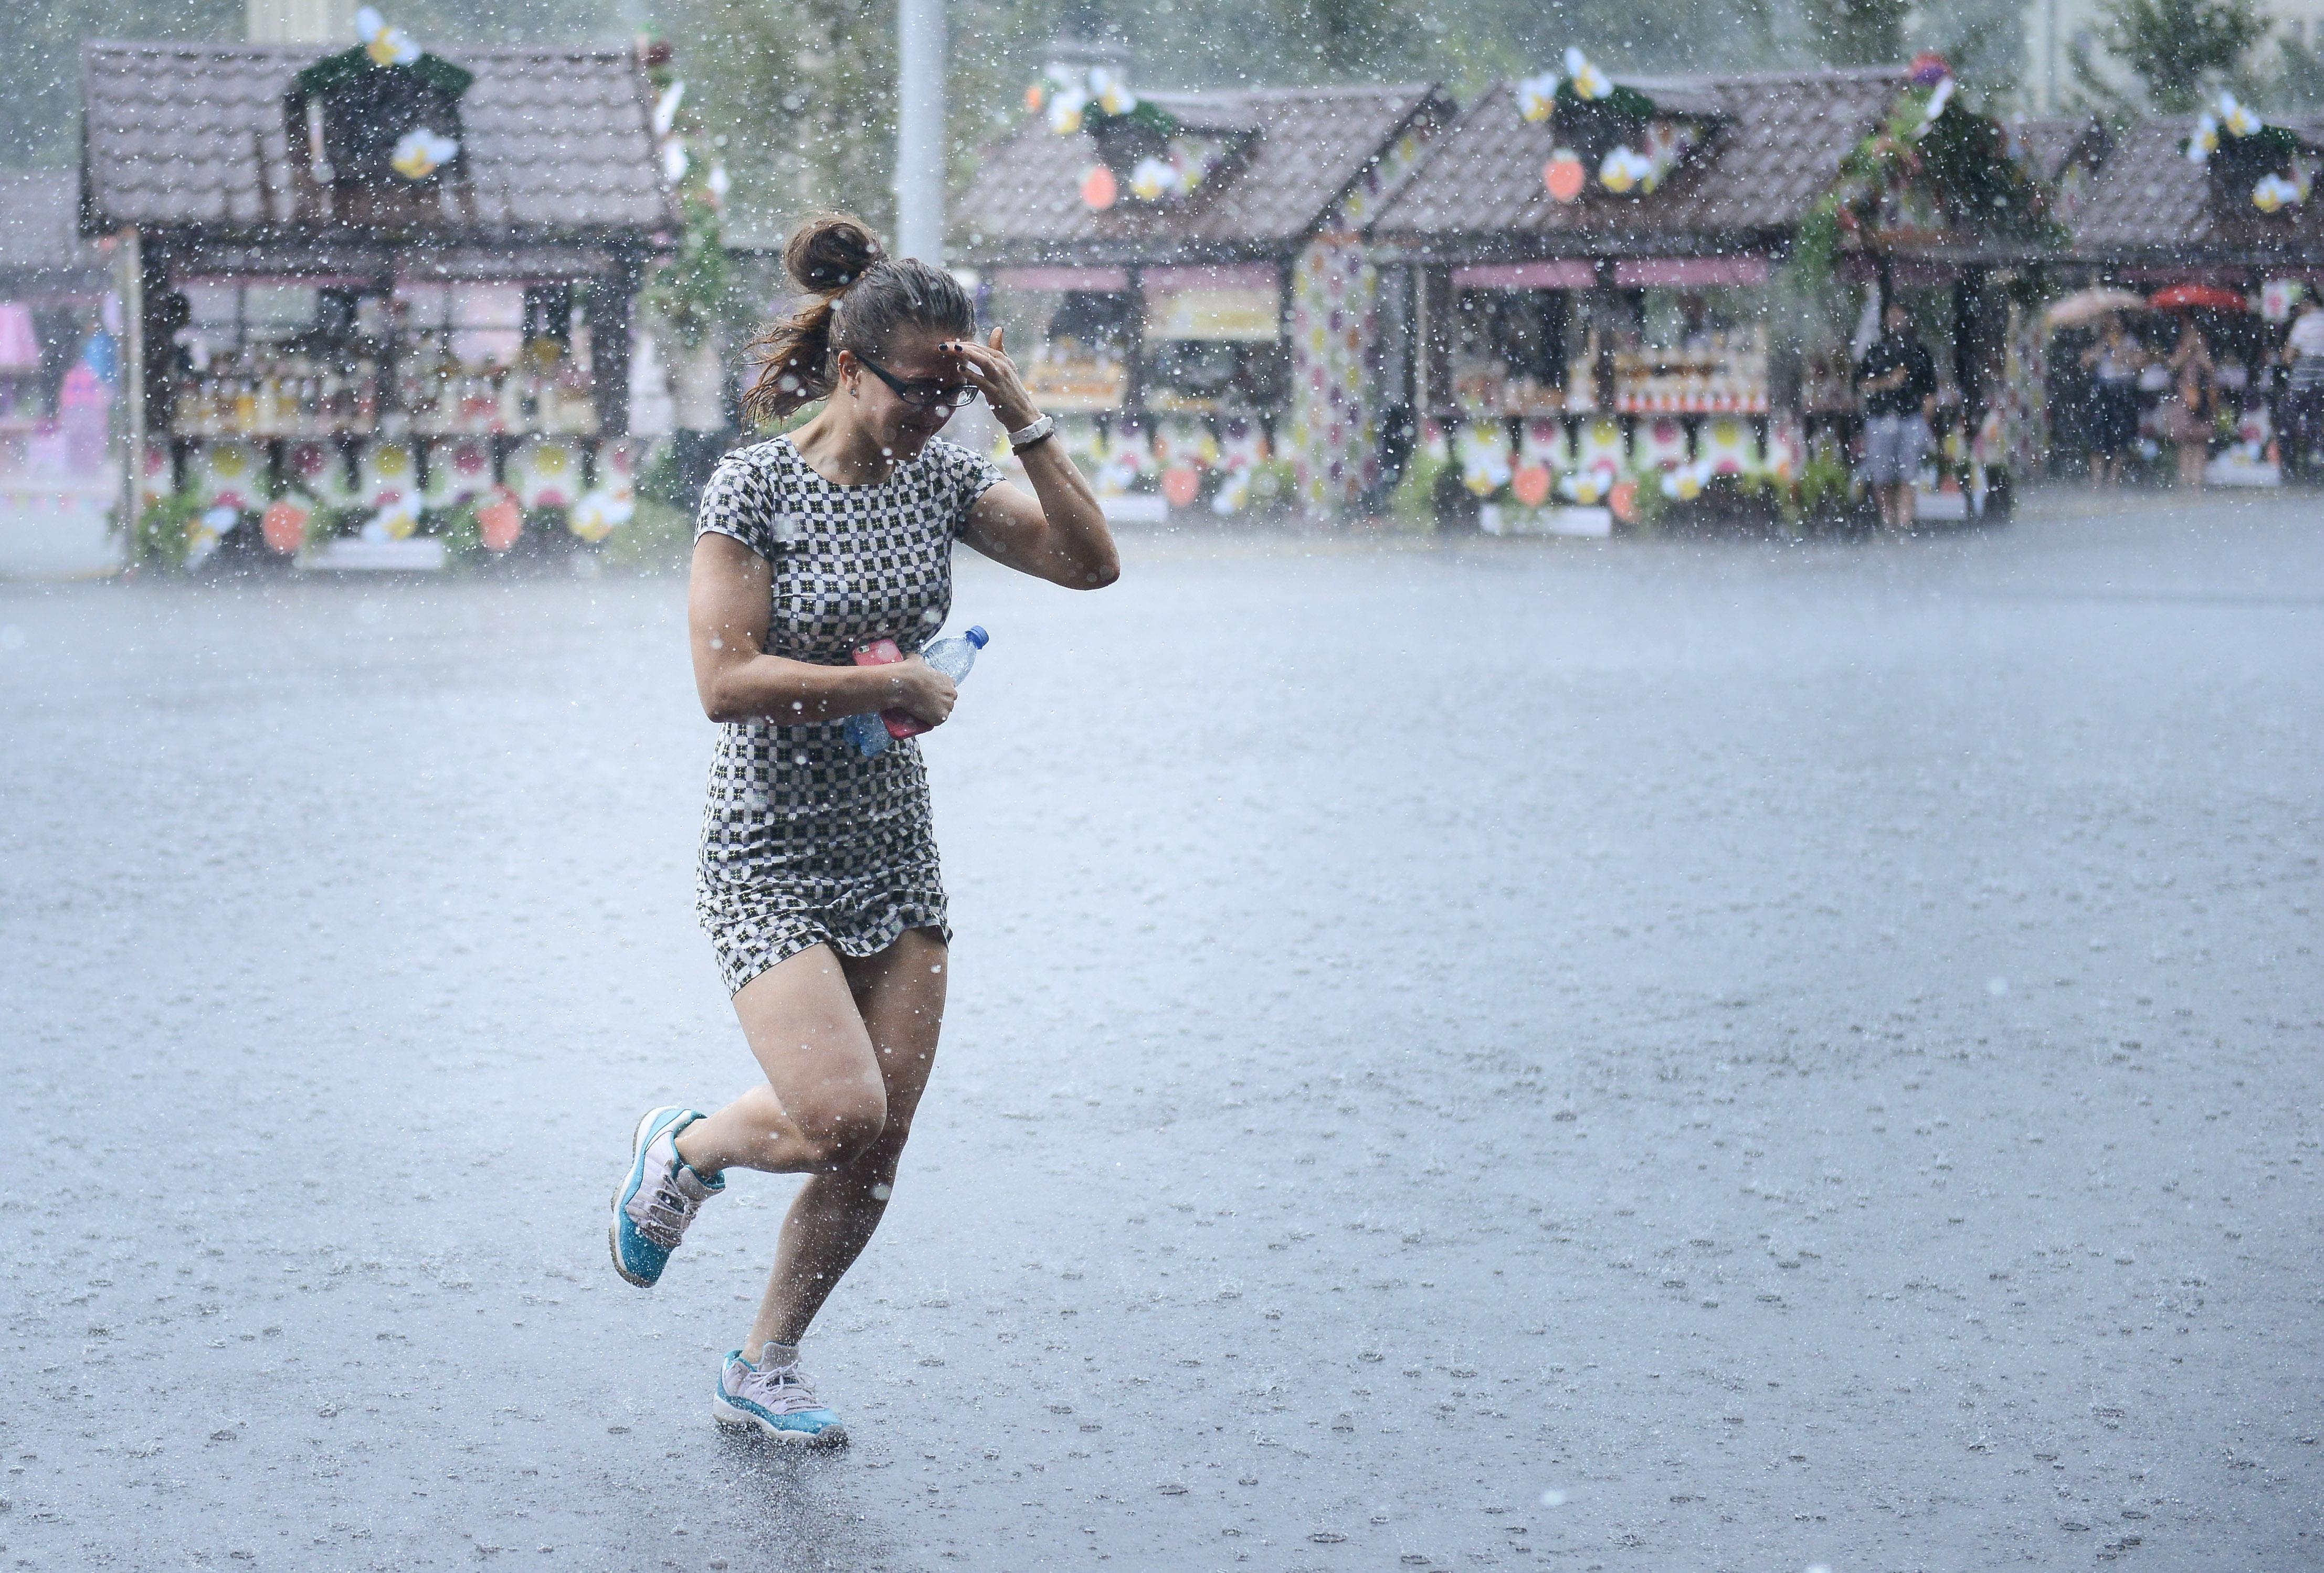 Циклонический вихрь обрушится на Москву в выходные